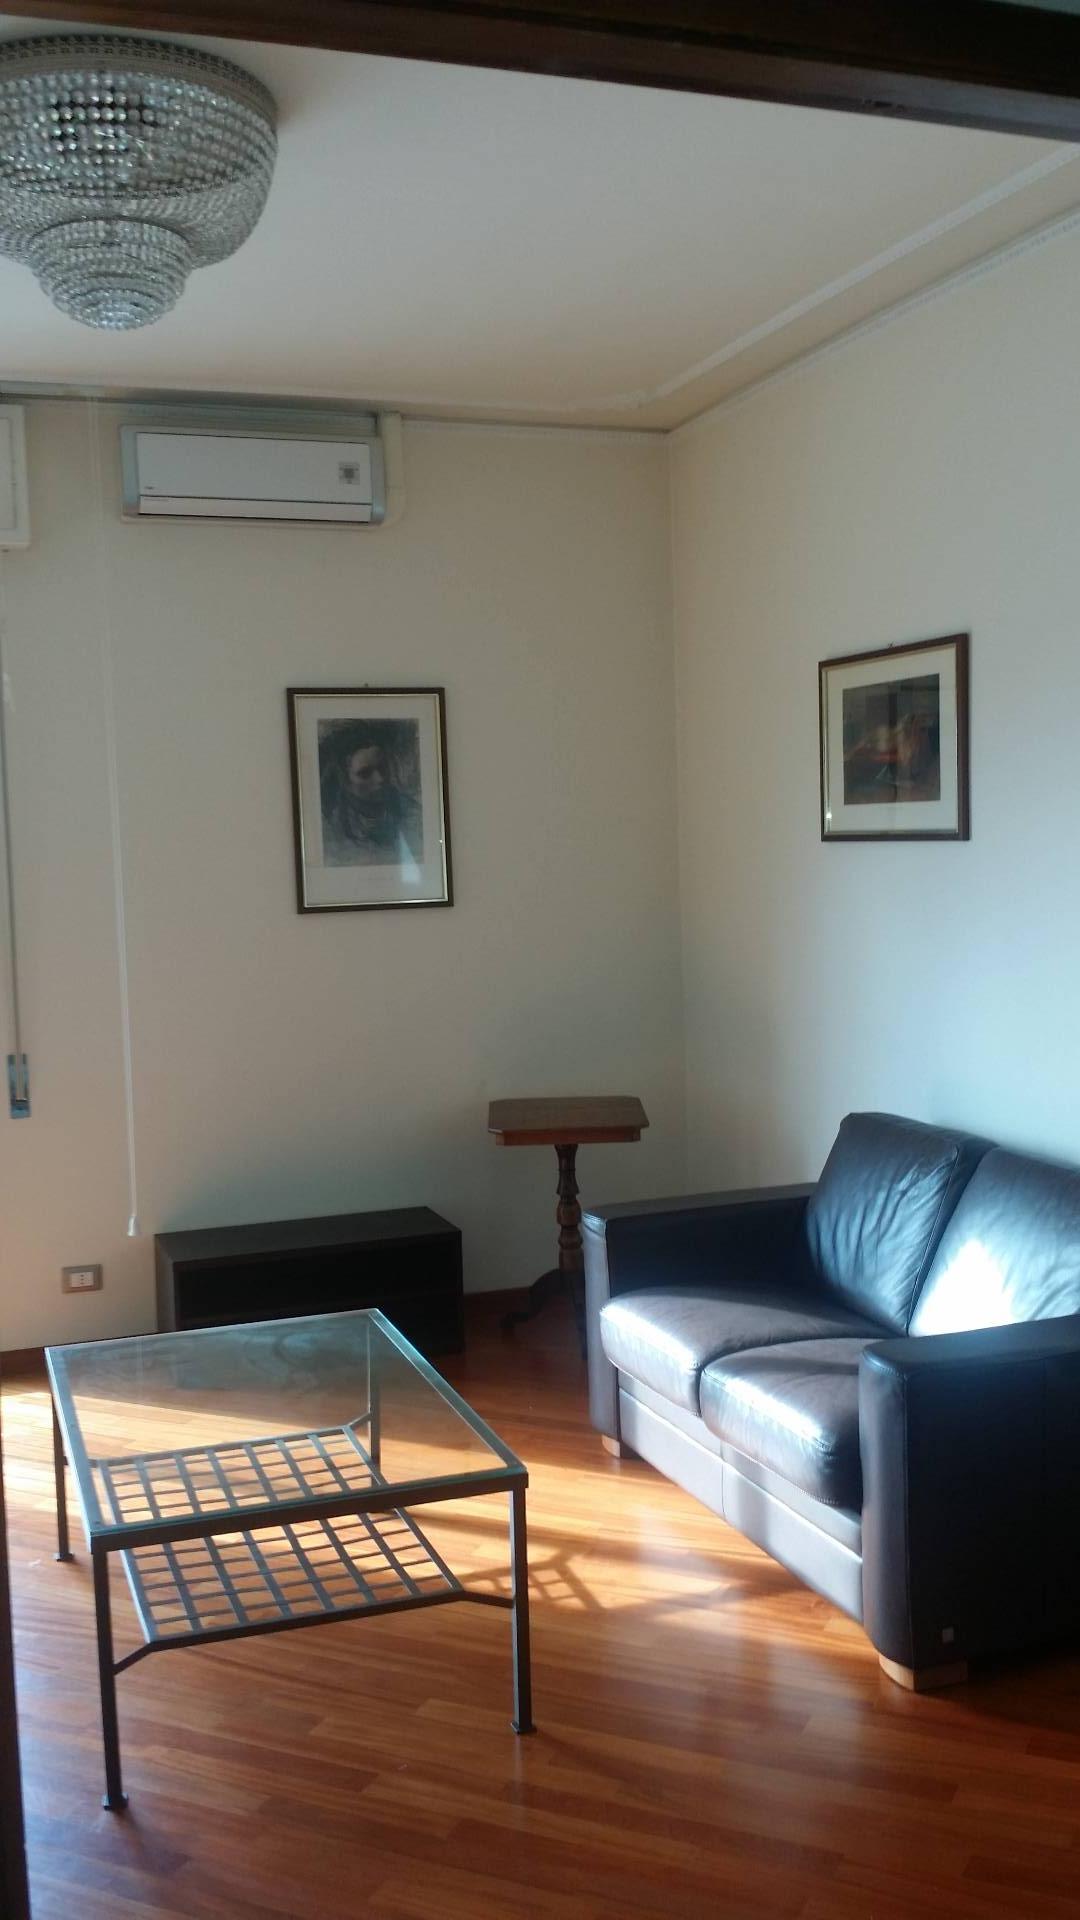 Attico / Mansarda in affitto a Empoli, 5 locali, zona Località: Poste, prezzo € 800 | CambioCasa.it